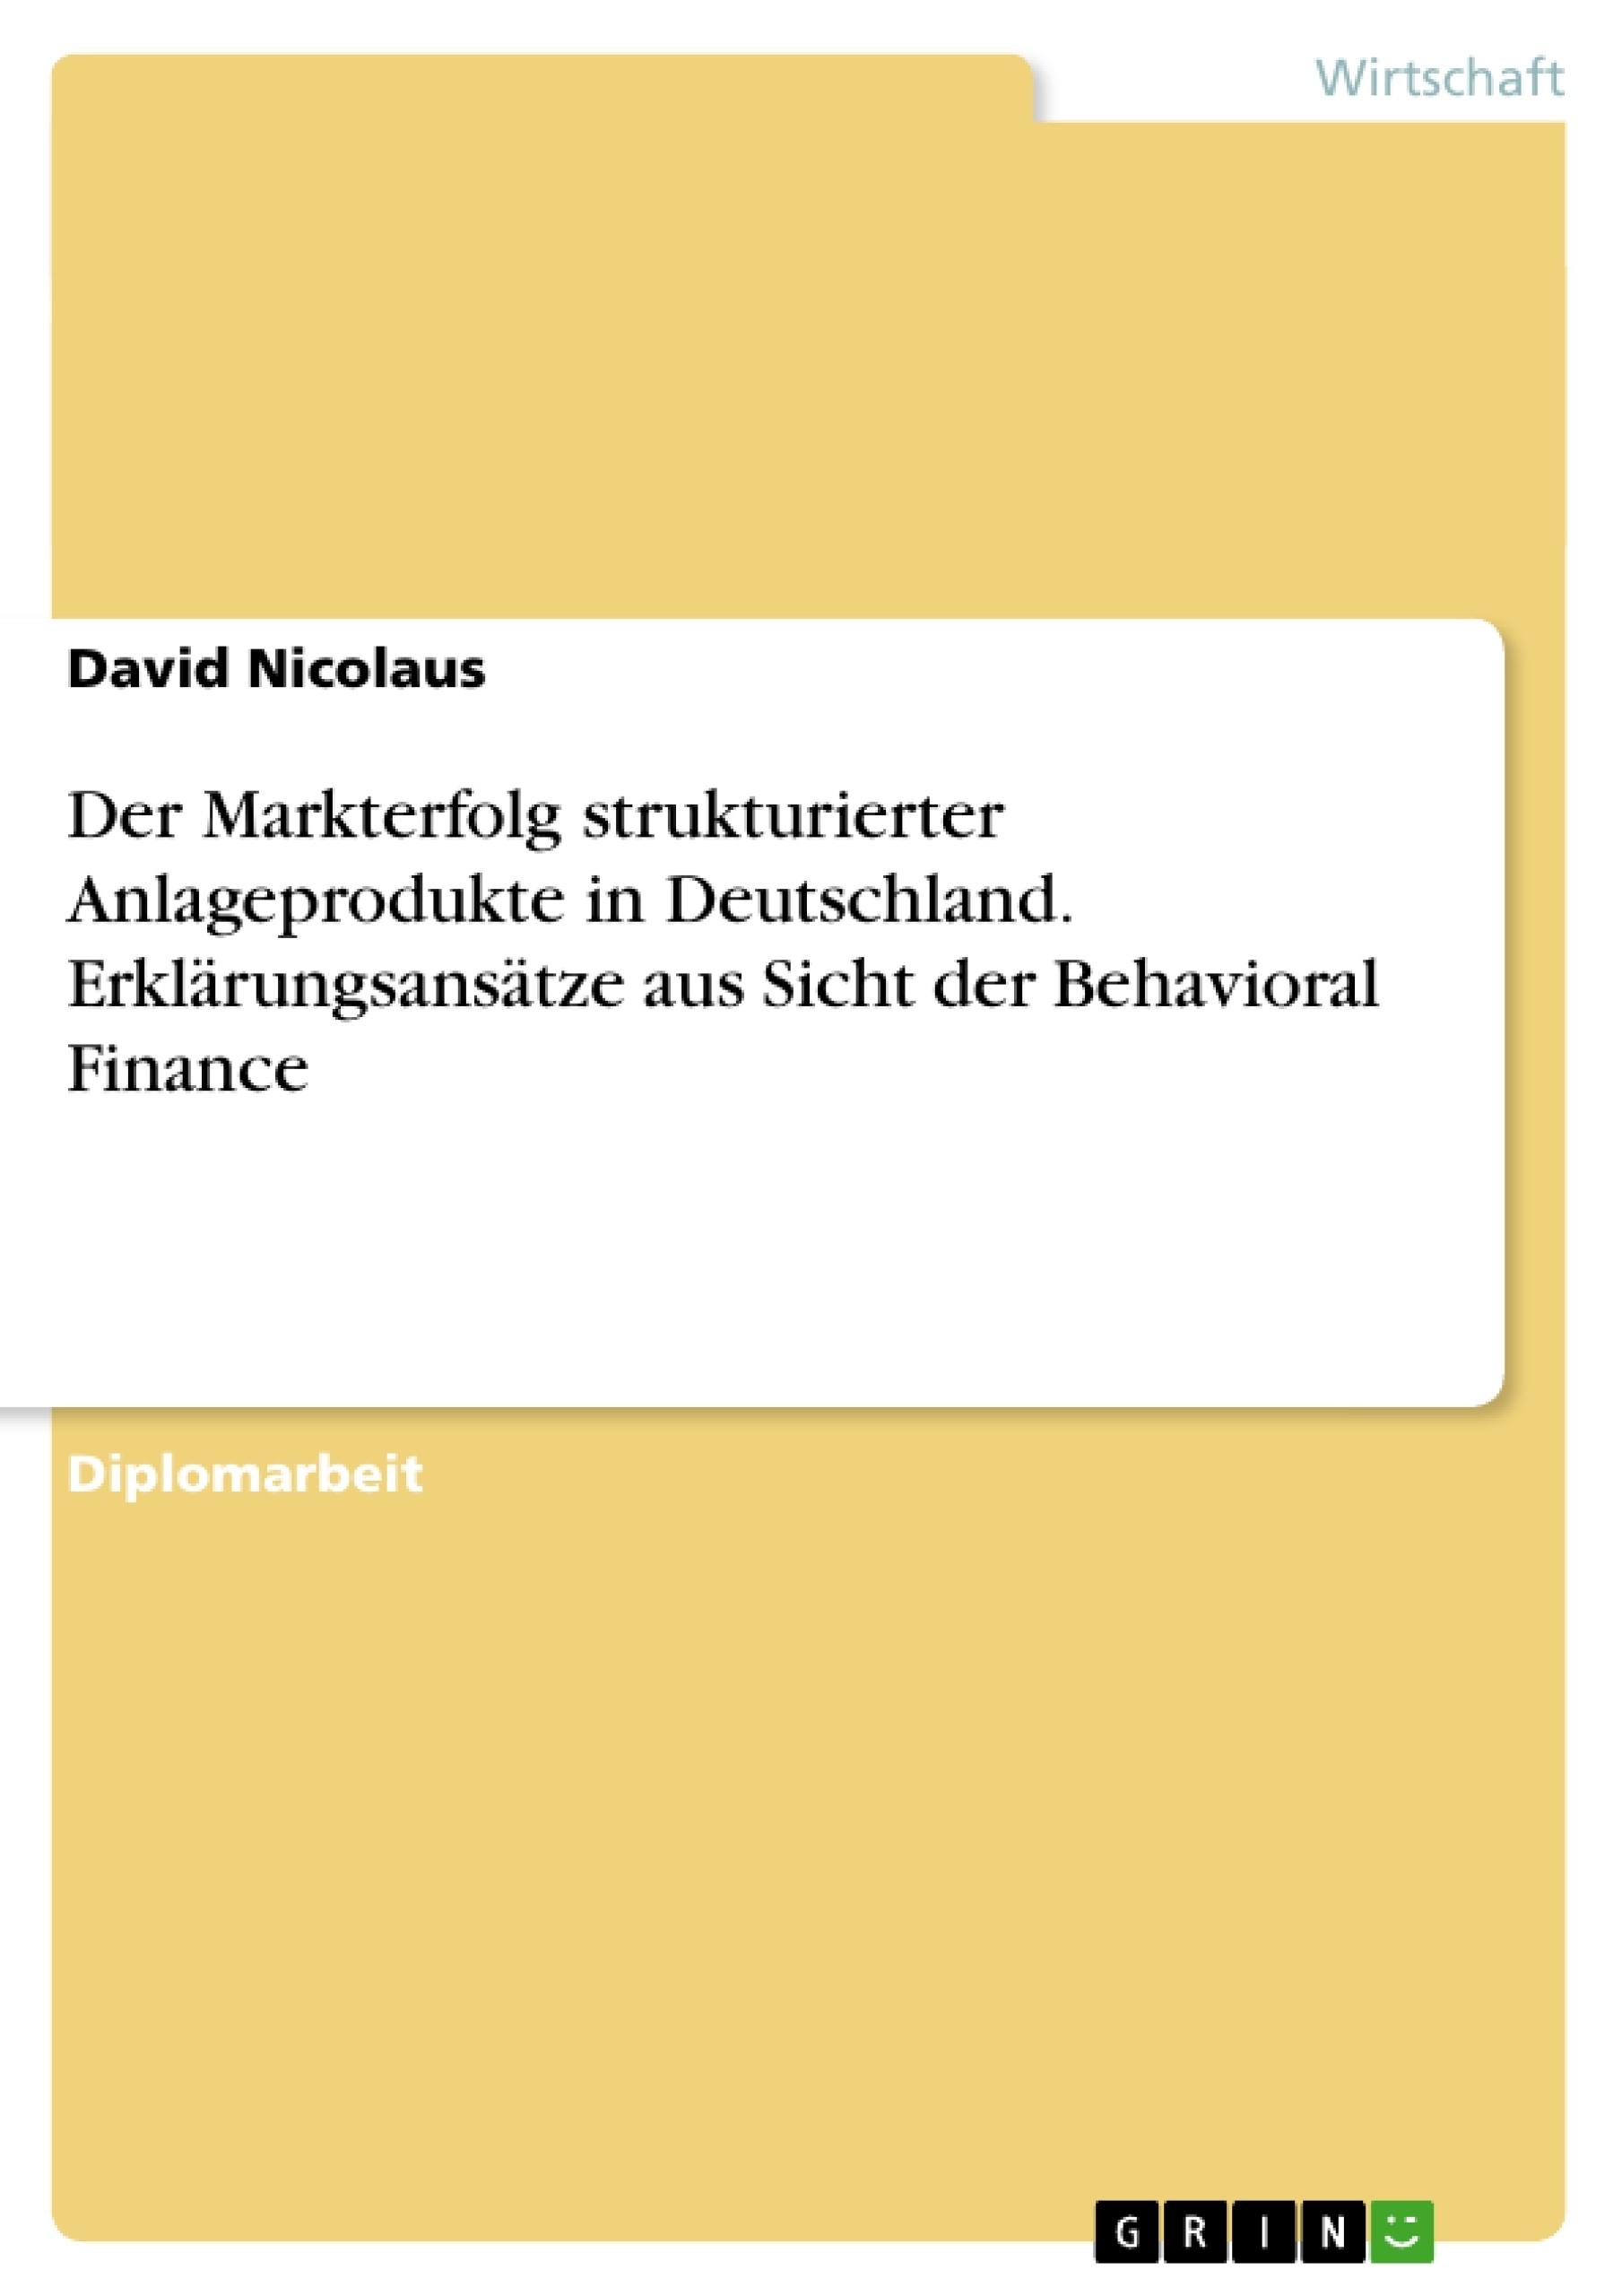 Titel: Der Markterfolg strukturierter  Anlageprodukte in Deutschland. Erklärungsansätze aus Sicht der Behavioral Finance